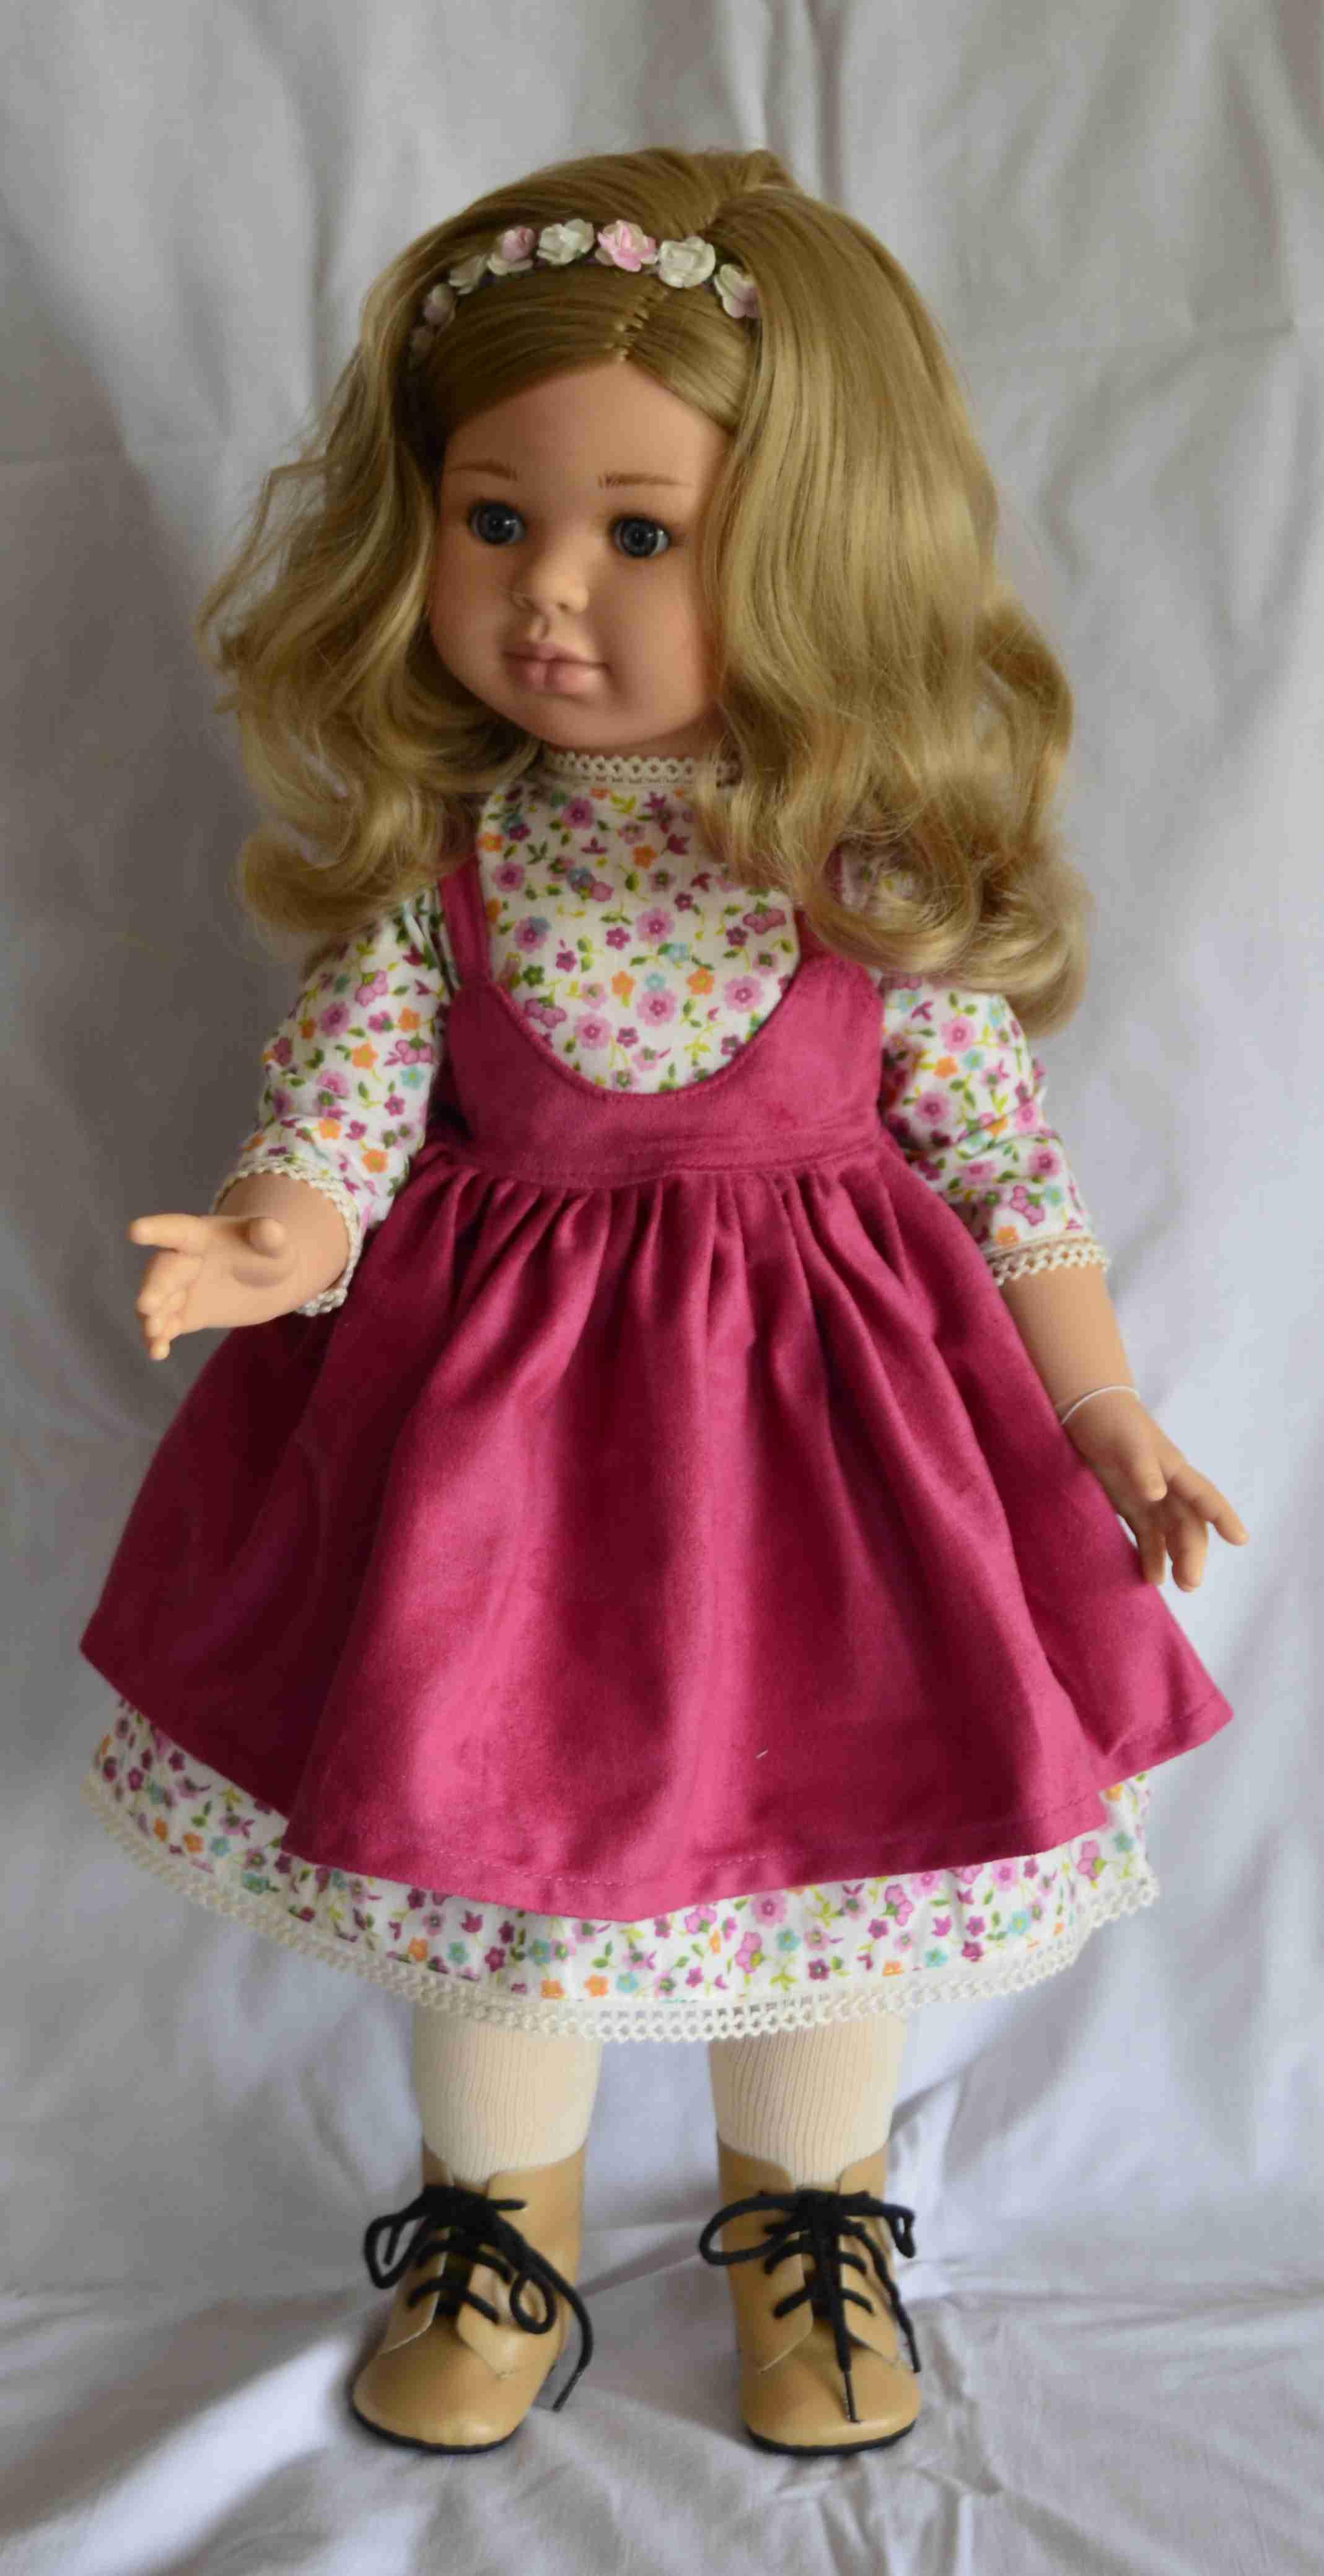 952f4d2120c3 Alma - růžové šaty - kloubová (60 cm) od Paola Reina ze Španělska